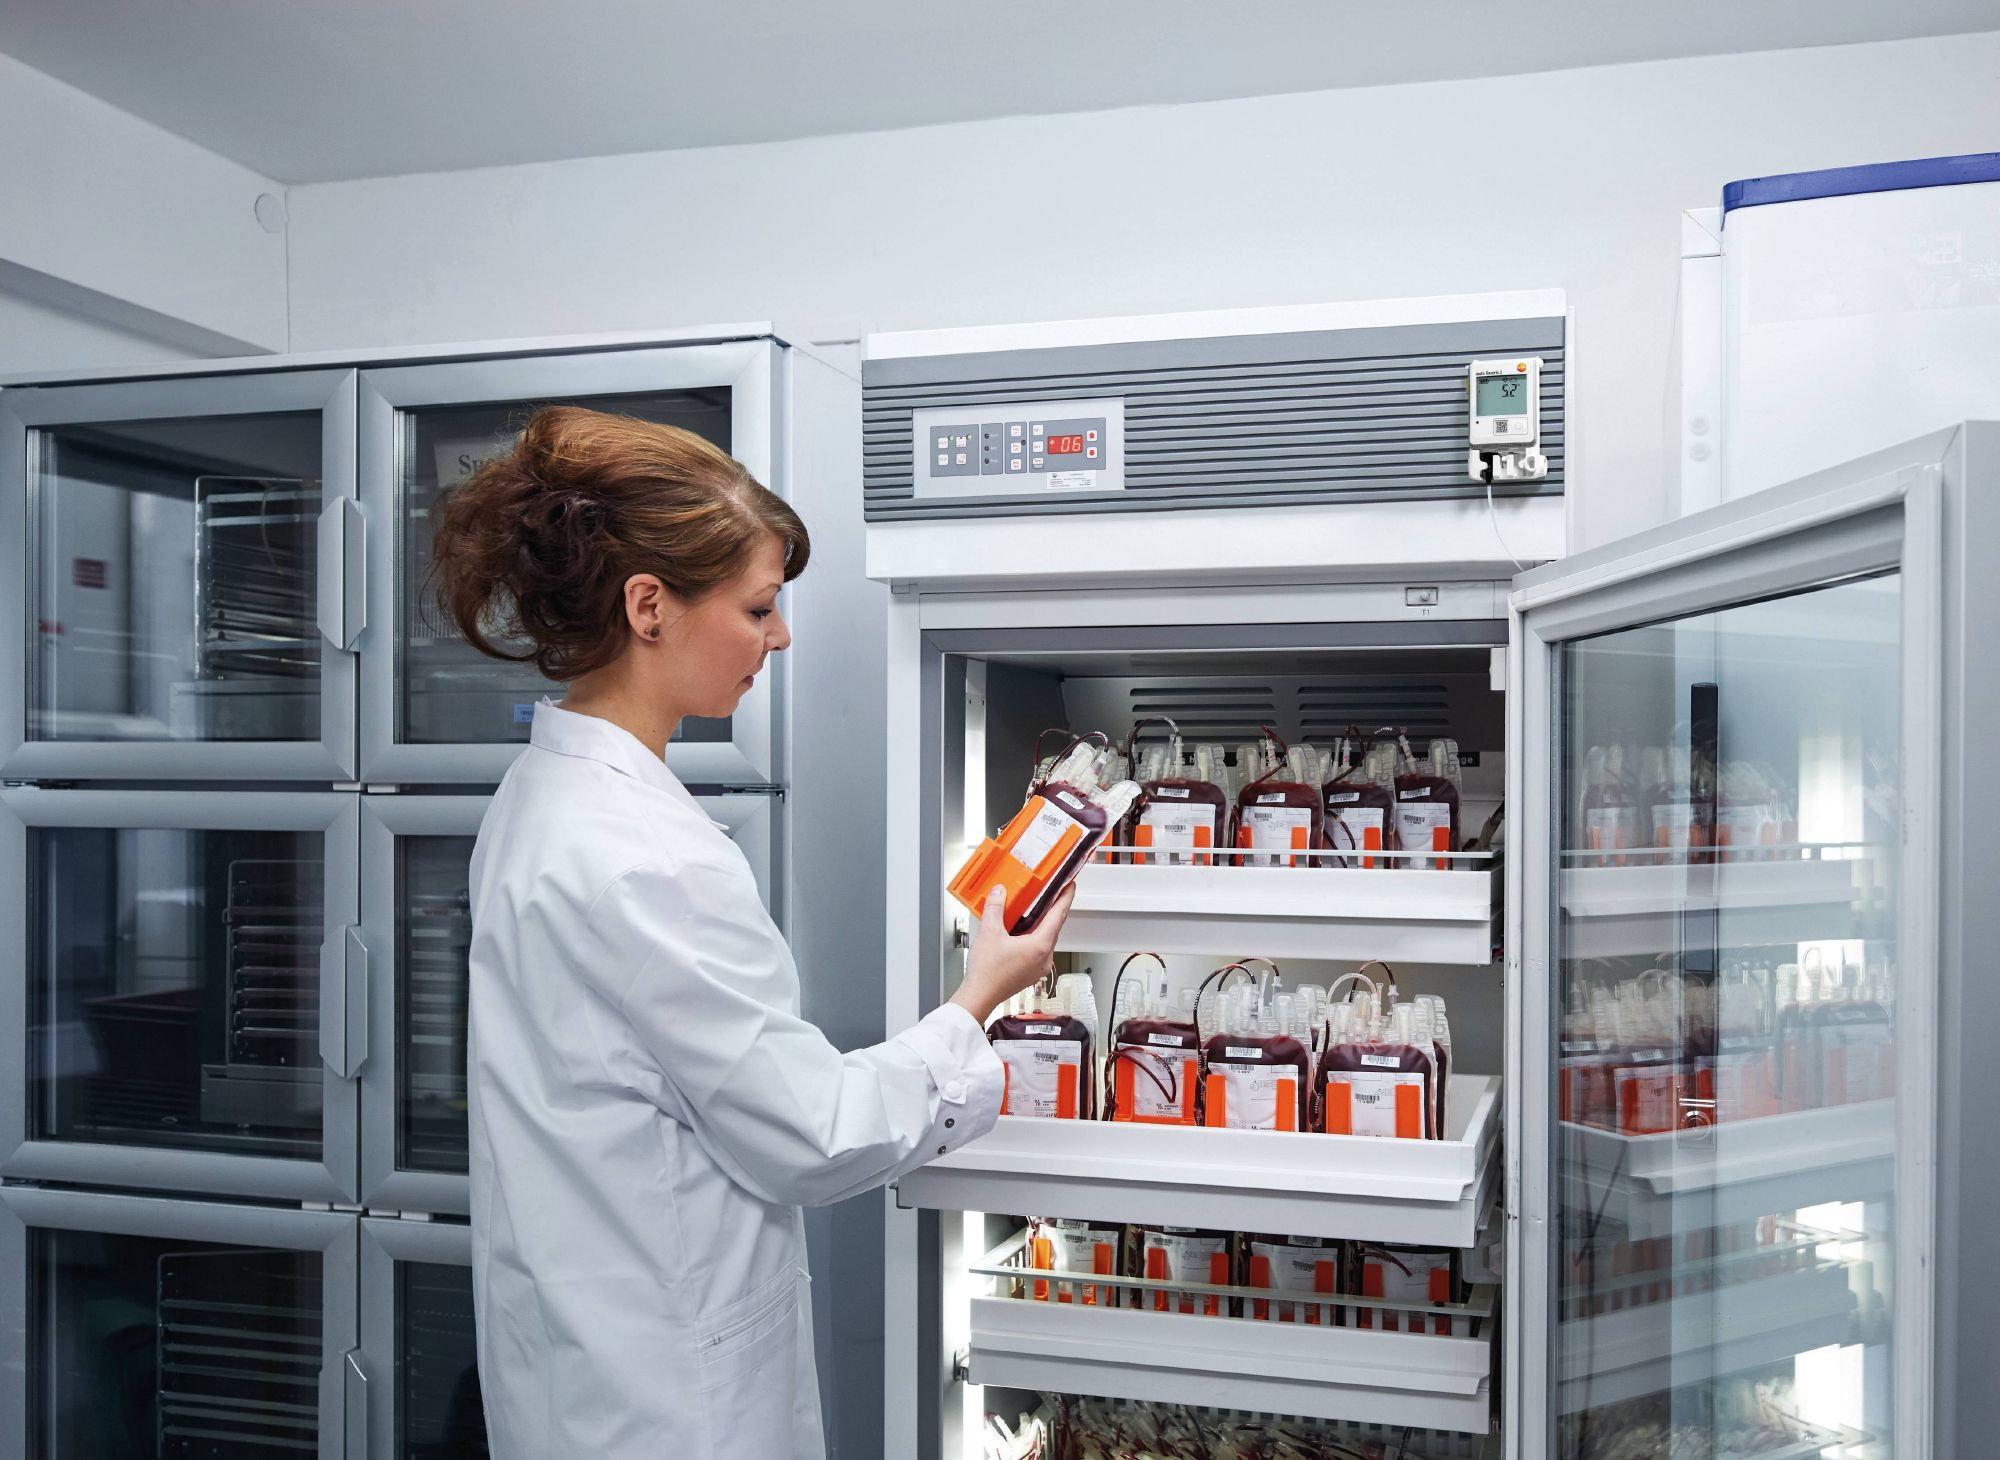 Un data logger monitora la temperatura nel frigorifero dei farmaci